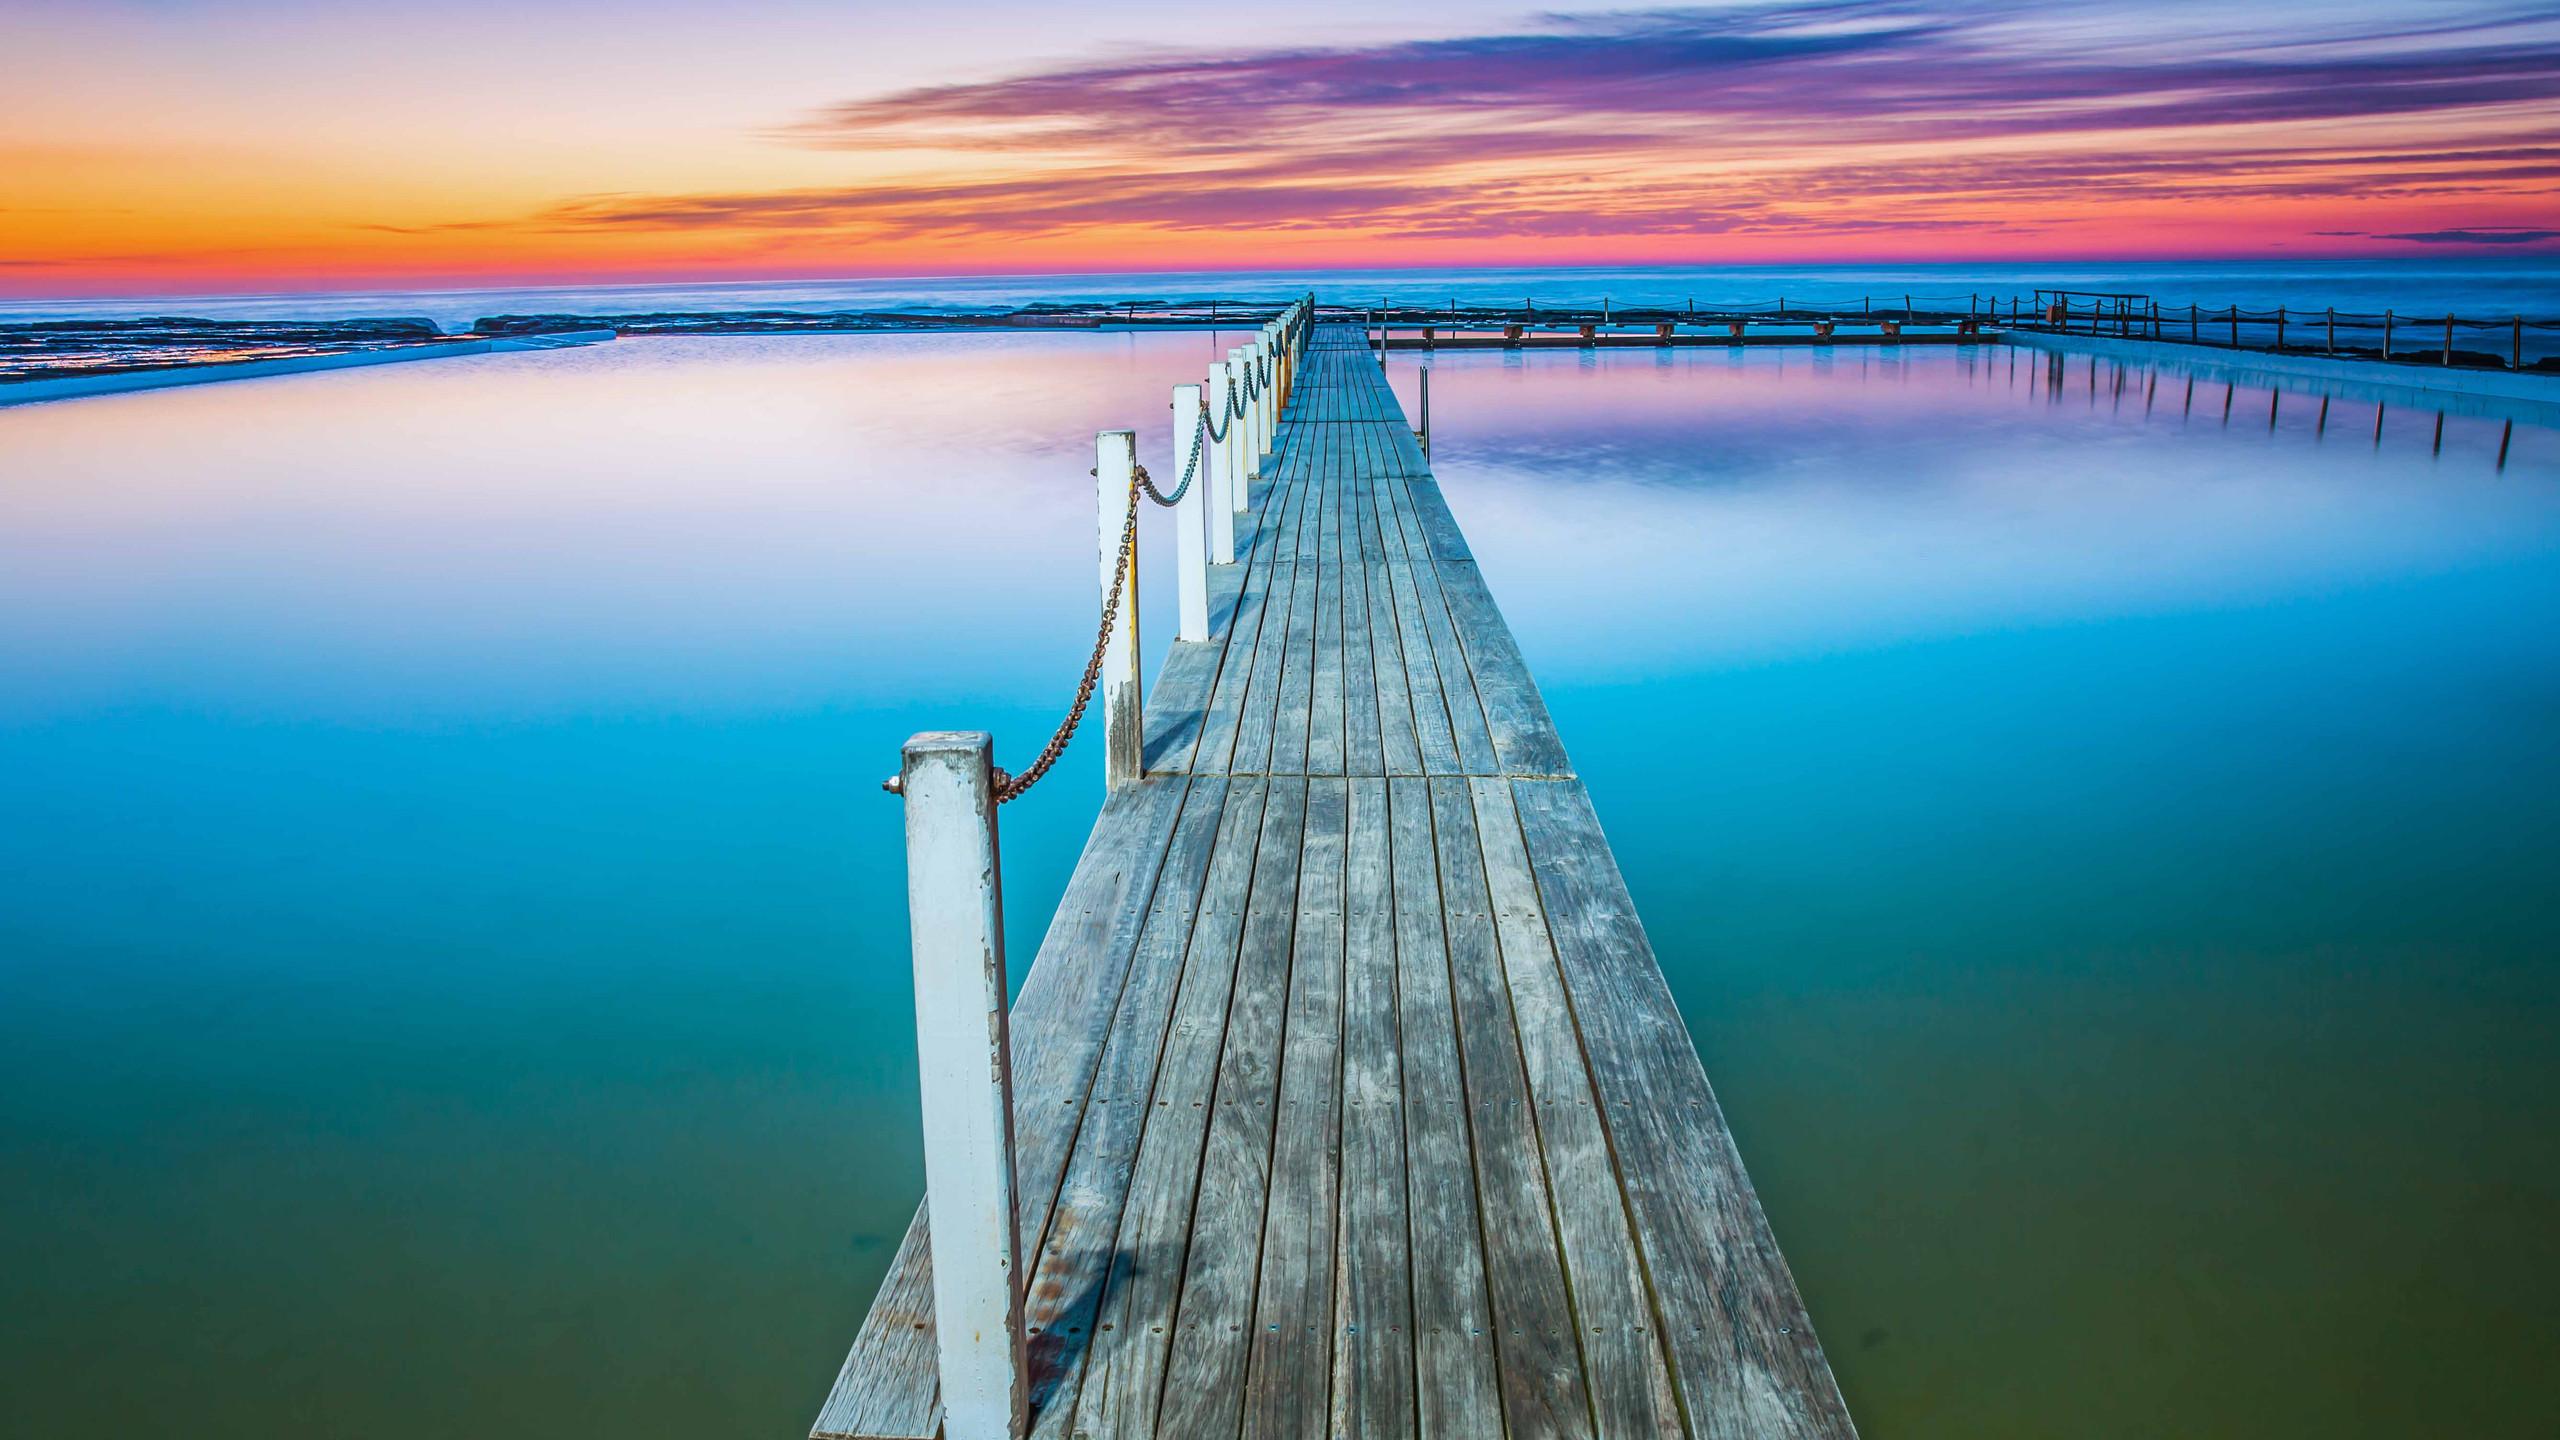 Narrbeen timber boardwalk